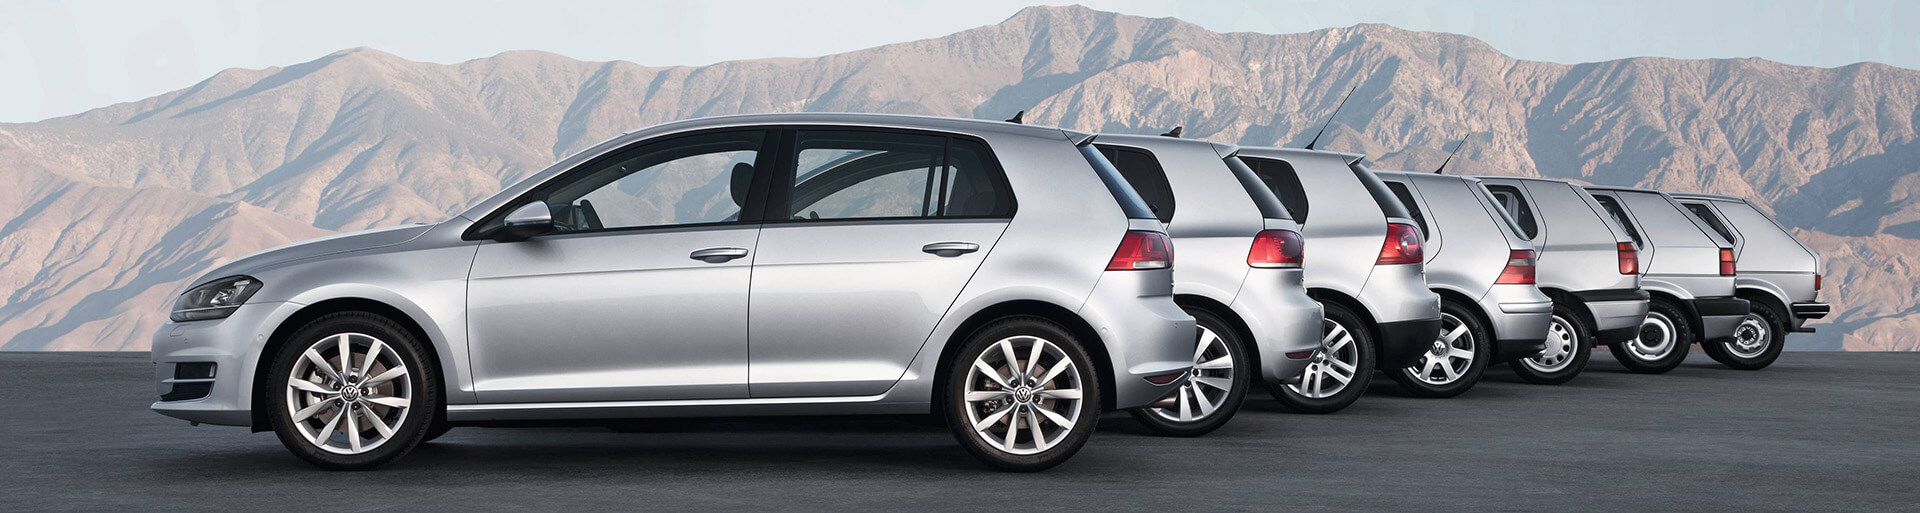 Volkswagen-onderhoud-Golf